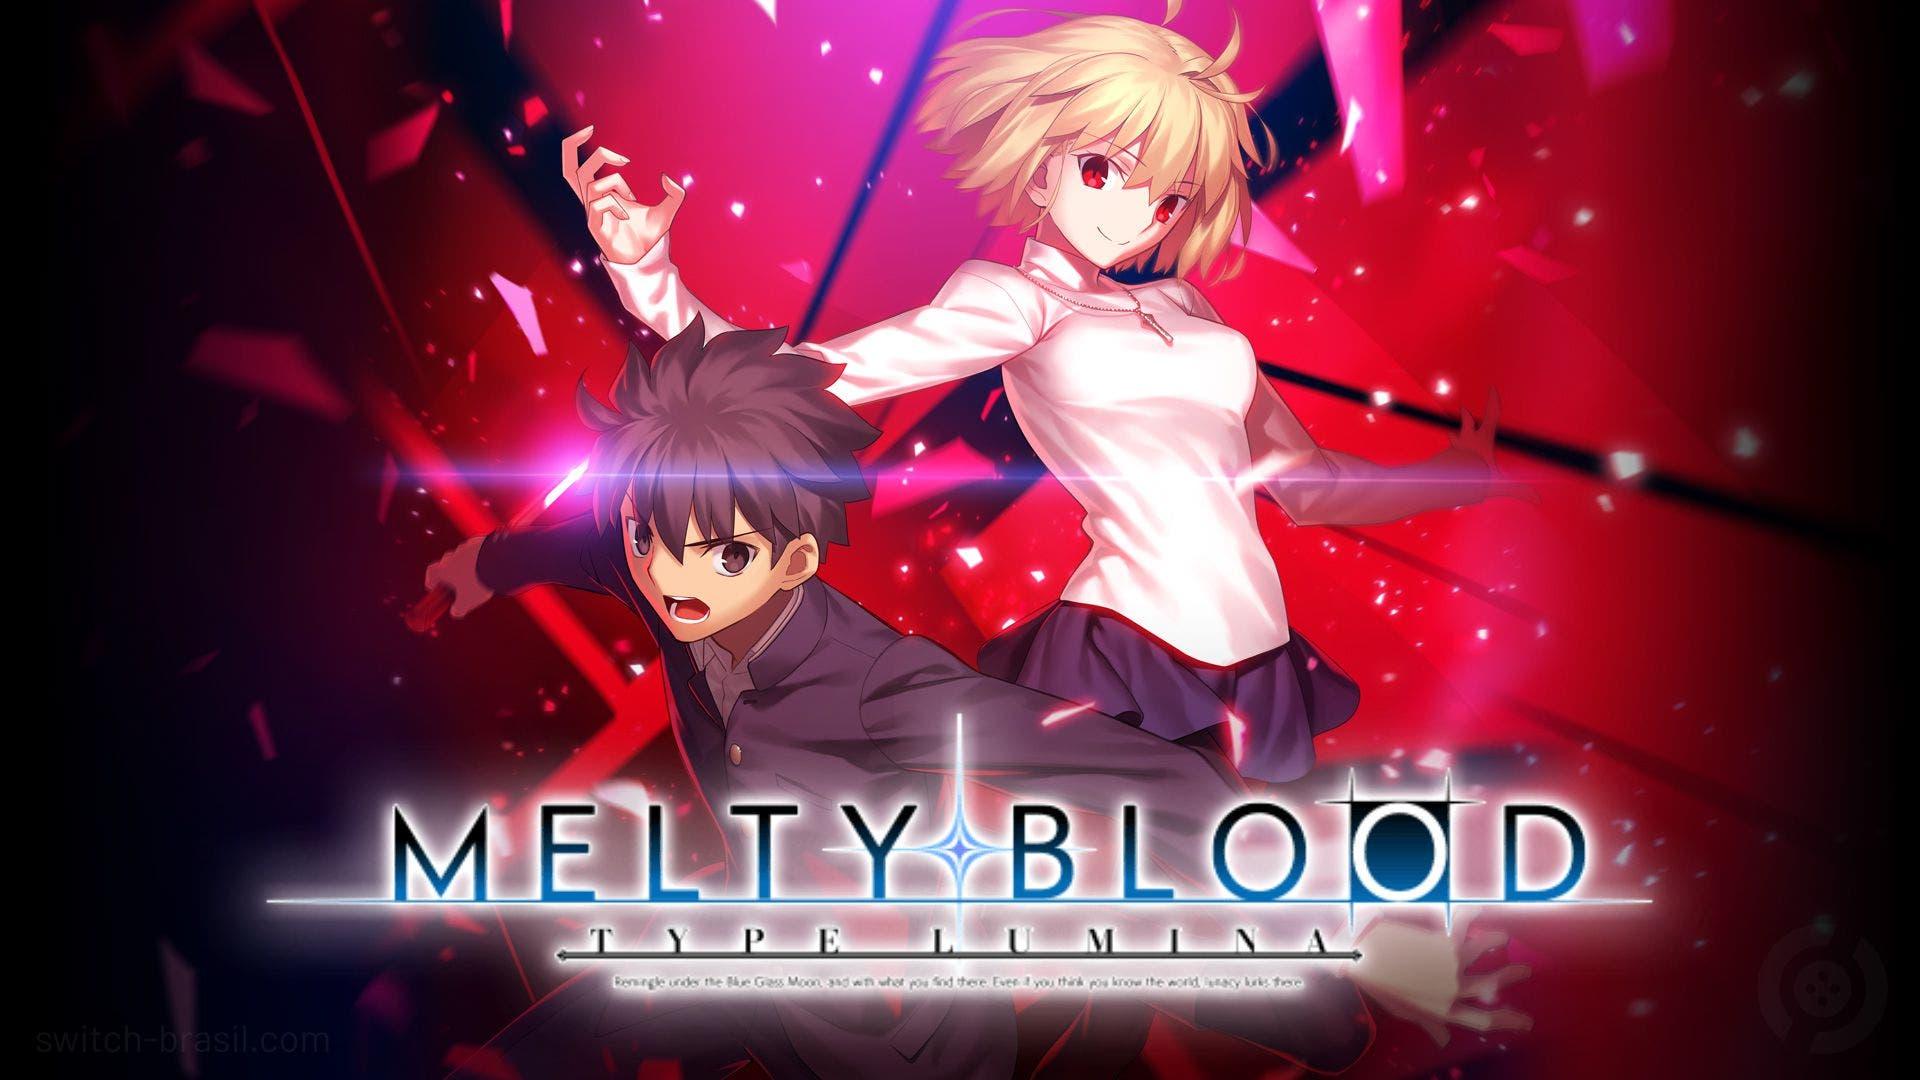 Melty Blood: Type Lumina confirma su fecha de lanzamiento con un nuevo tráiler 4